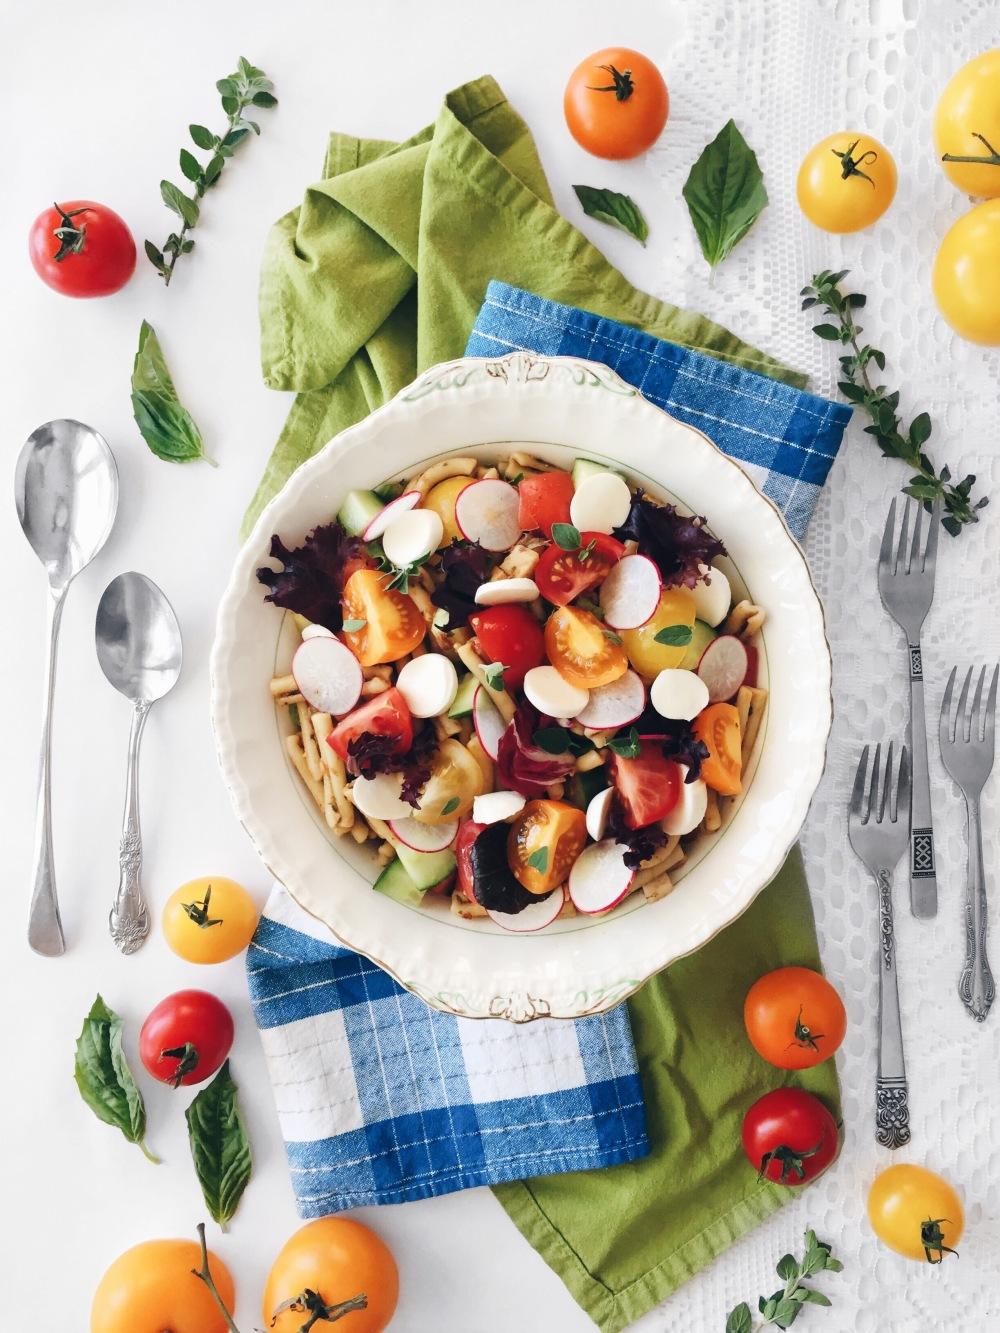 Salade de pâtes style grecque aux légumes (radis, concombre, oignon rouge, mesclun), et pesto d'herbes aux olives et aux tomates séchées